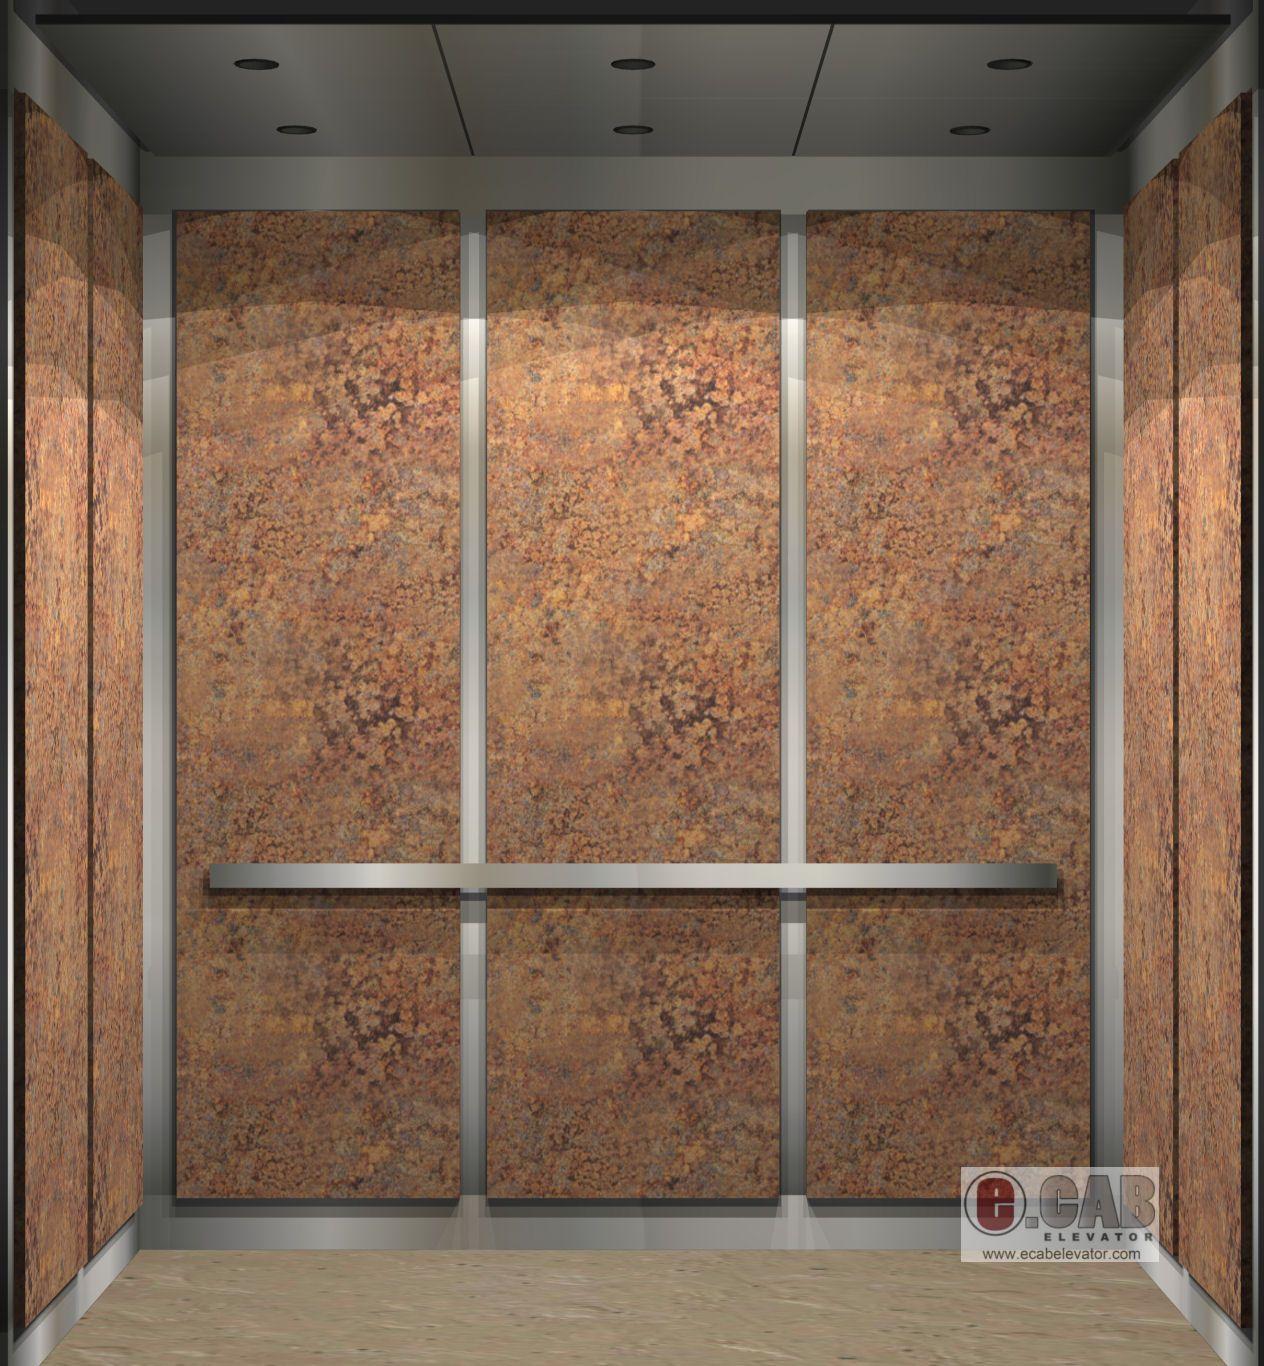 e.cab elevator - interior design rendering - 3000# capacity